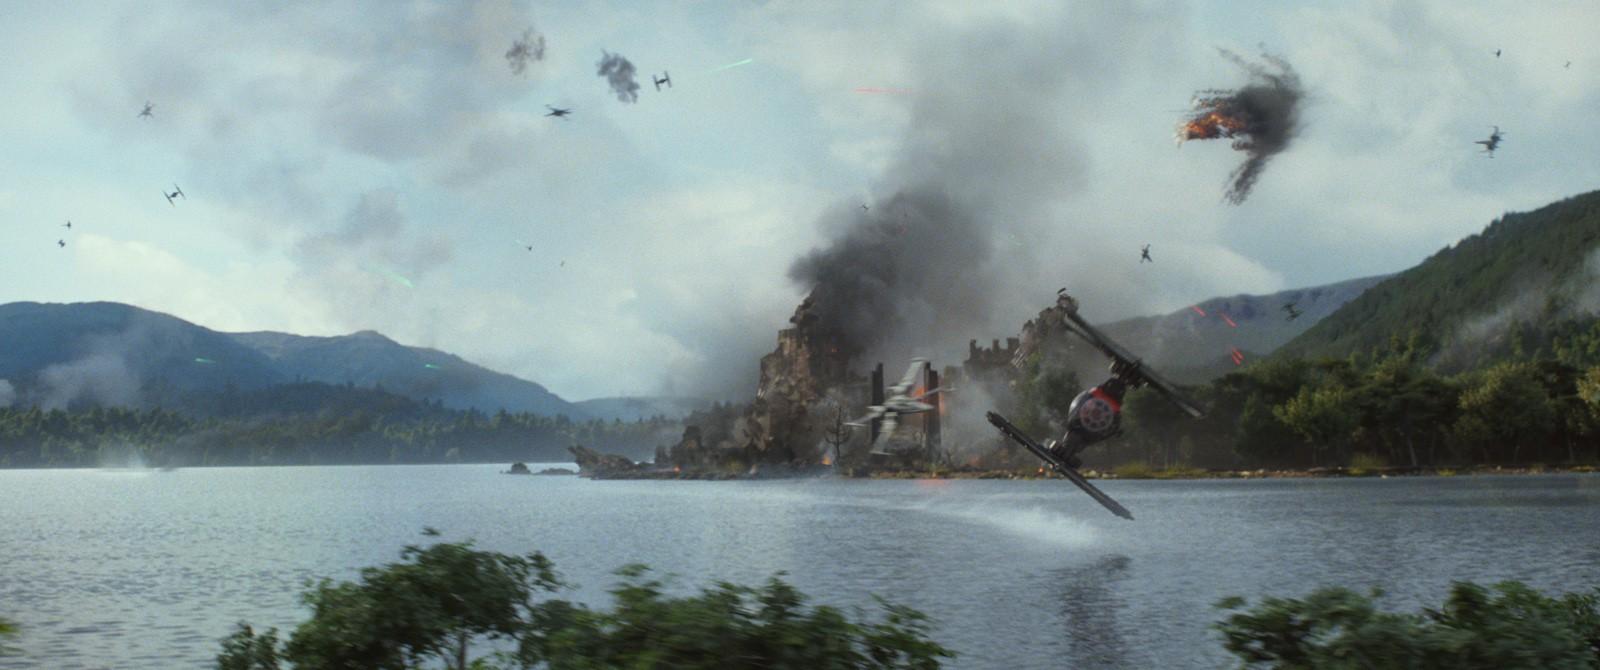 C'est sur cette planète, Takodana, que se déroule un combat entre le Premier Ordre et la Résistance